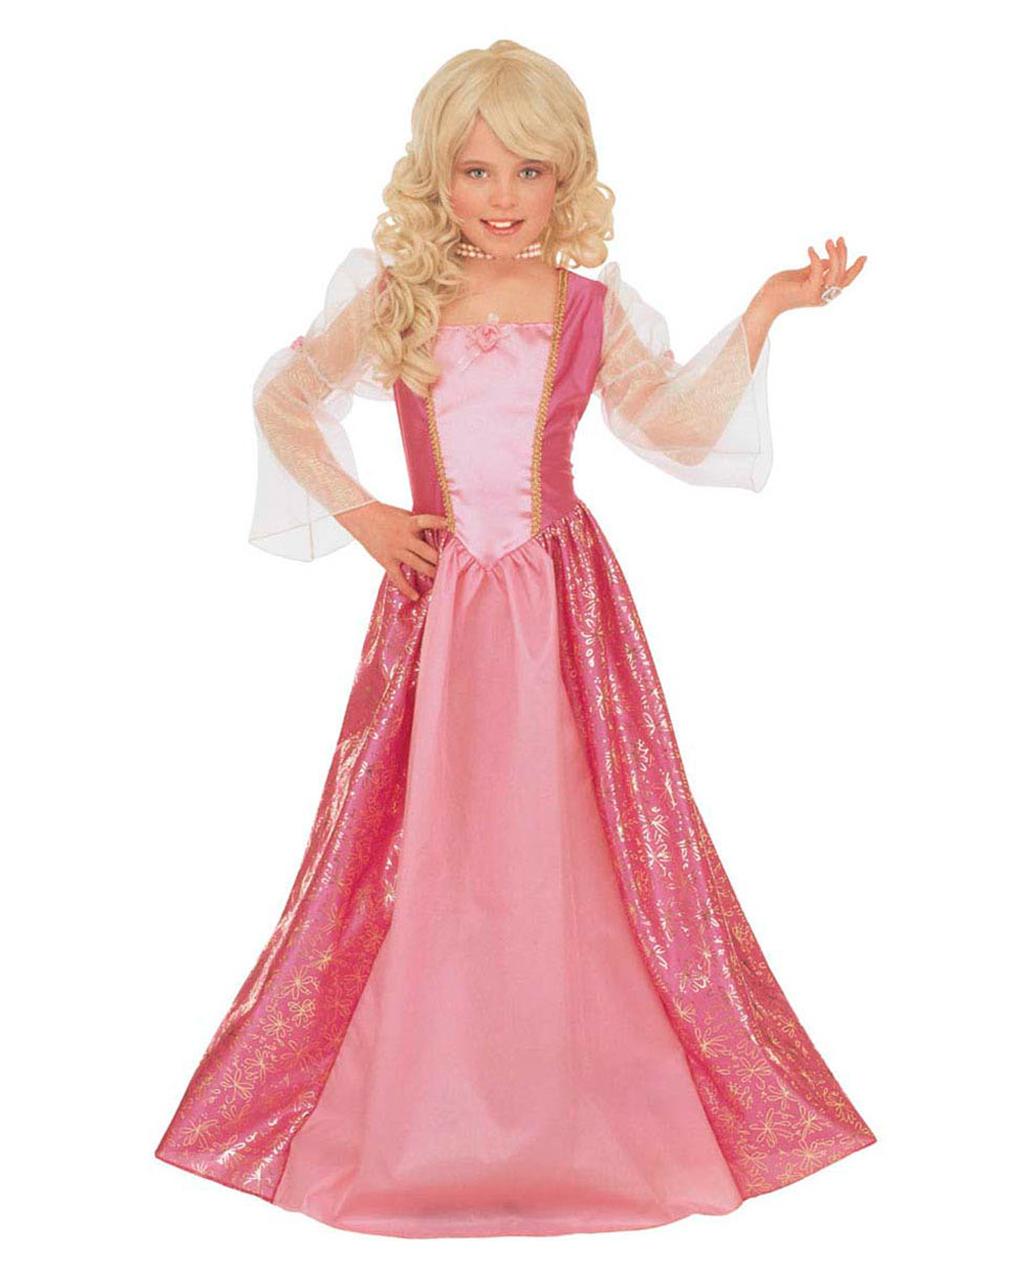 Dornroschen Marchen Kostum M Dornroschen Prinzessin Kostum